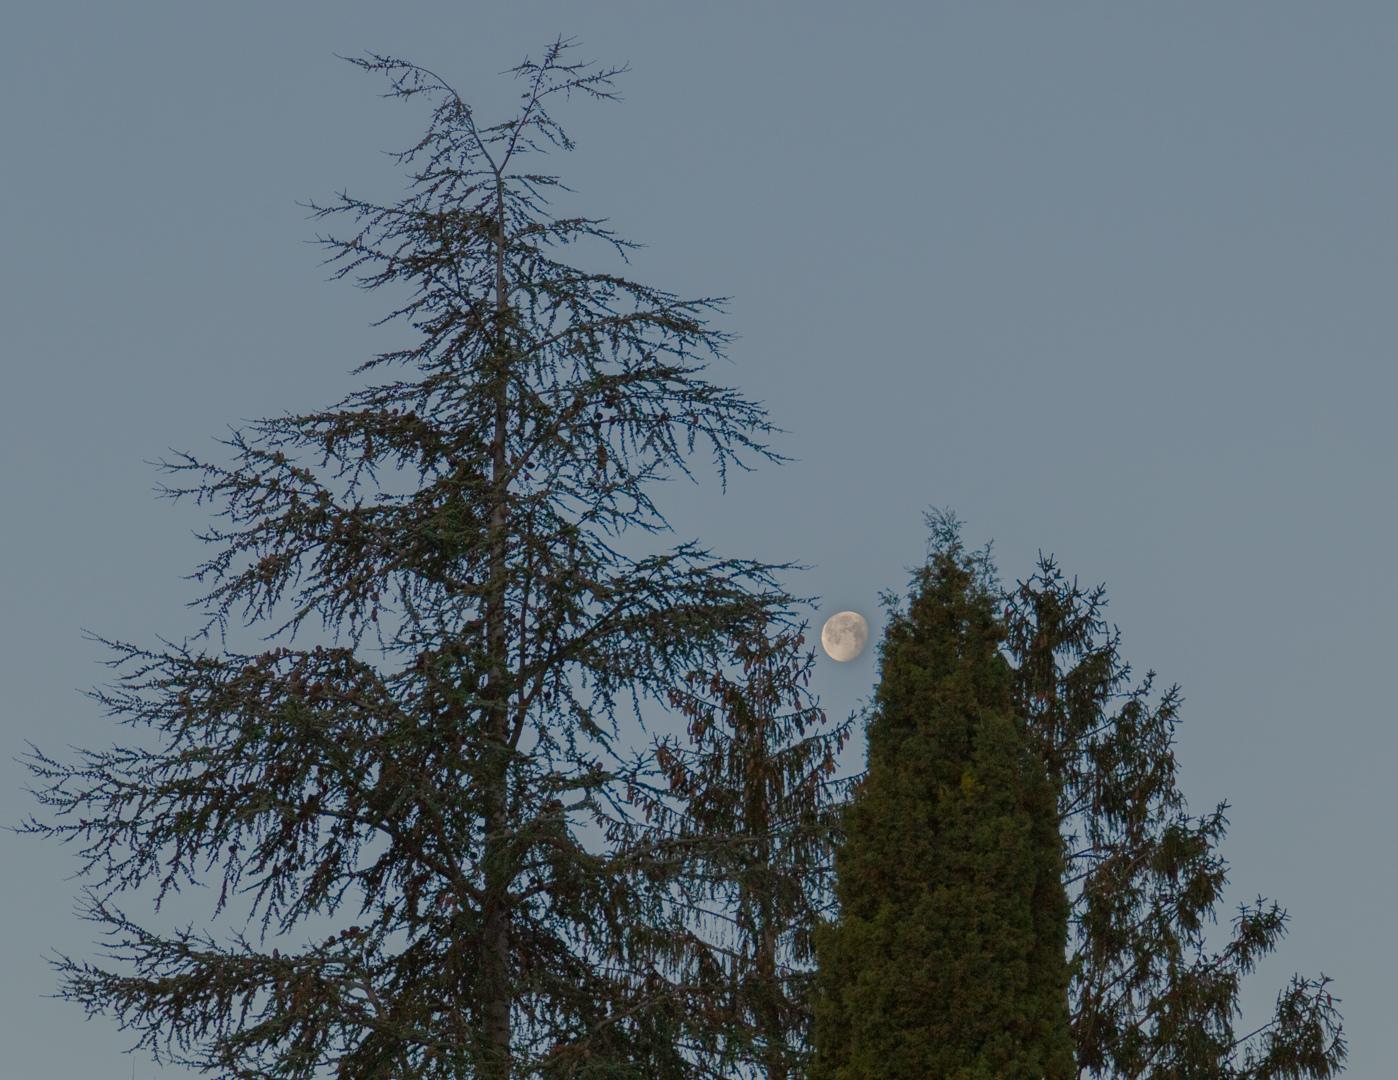 lune_et_arbre-105mm-1080p-hdr.jpg